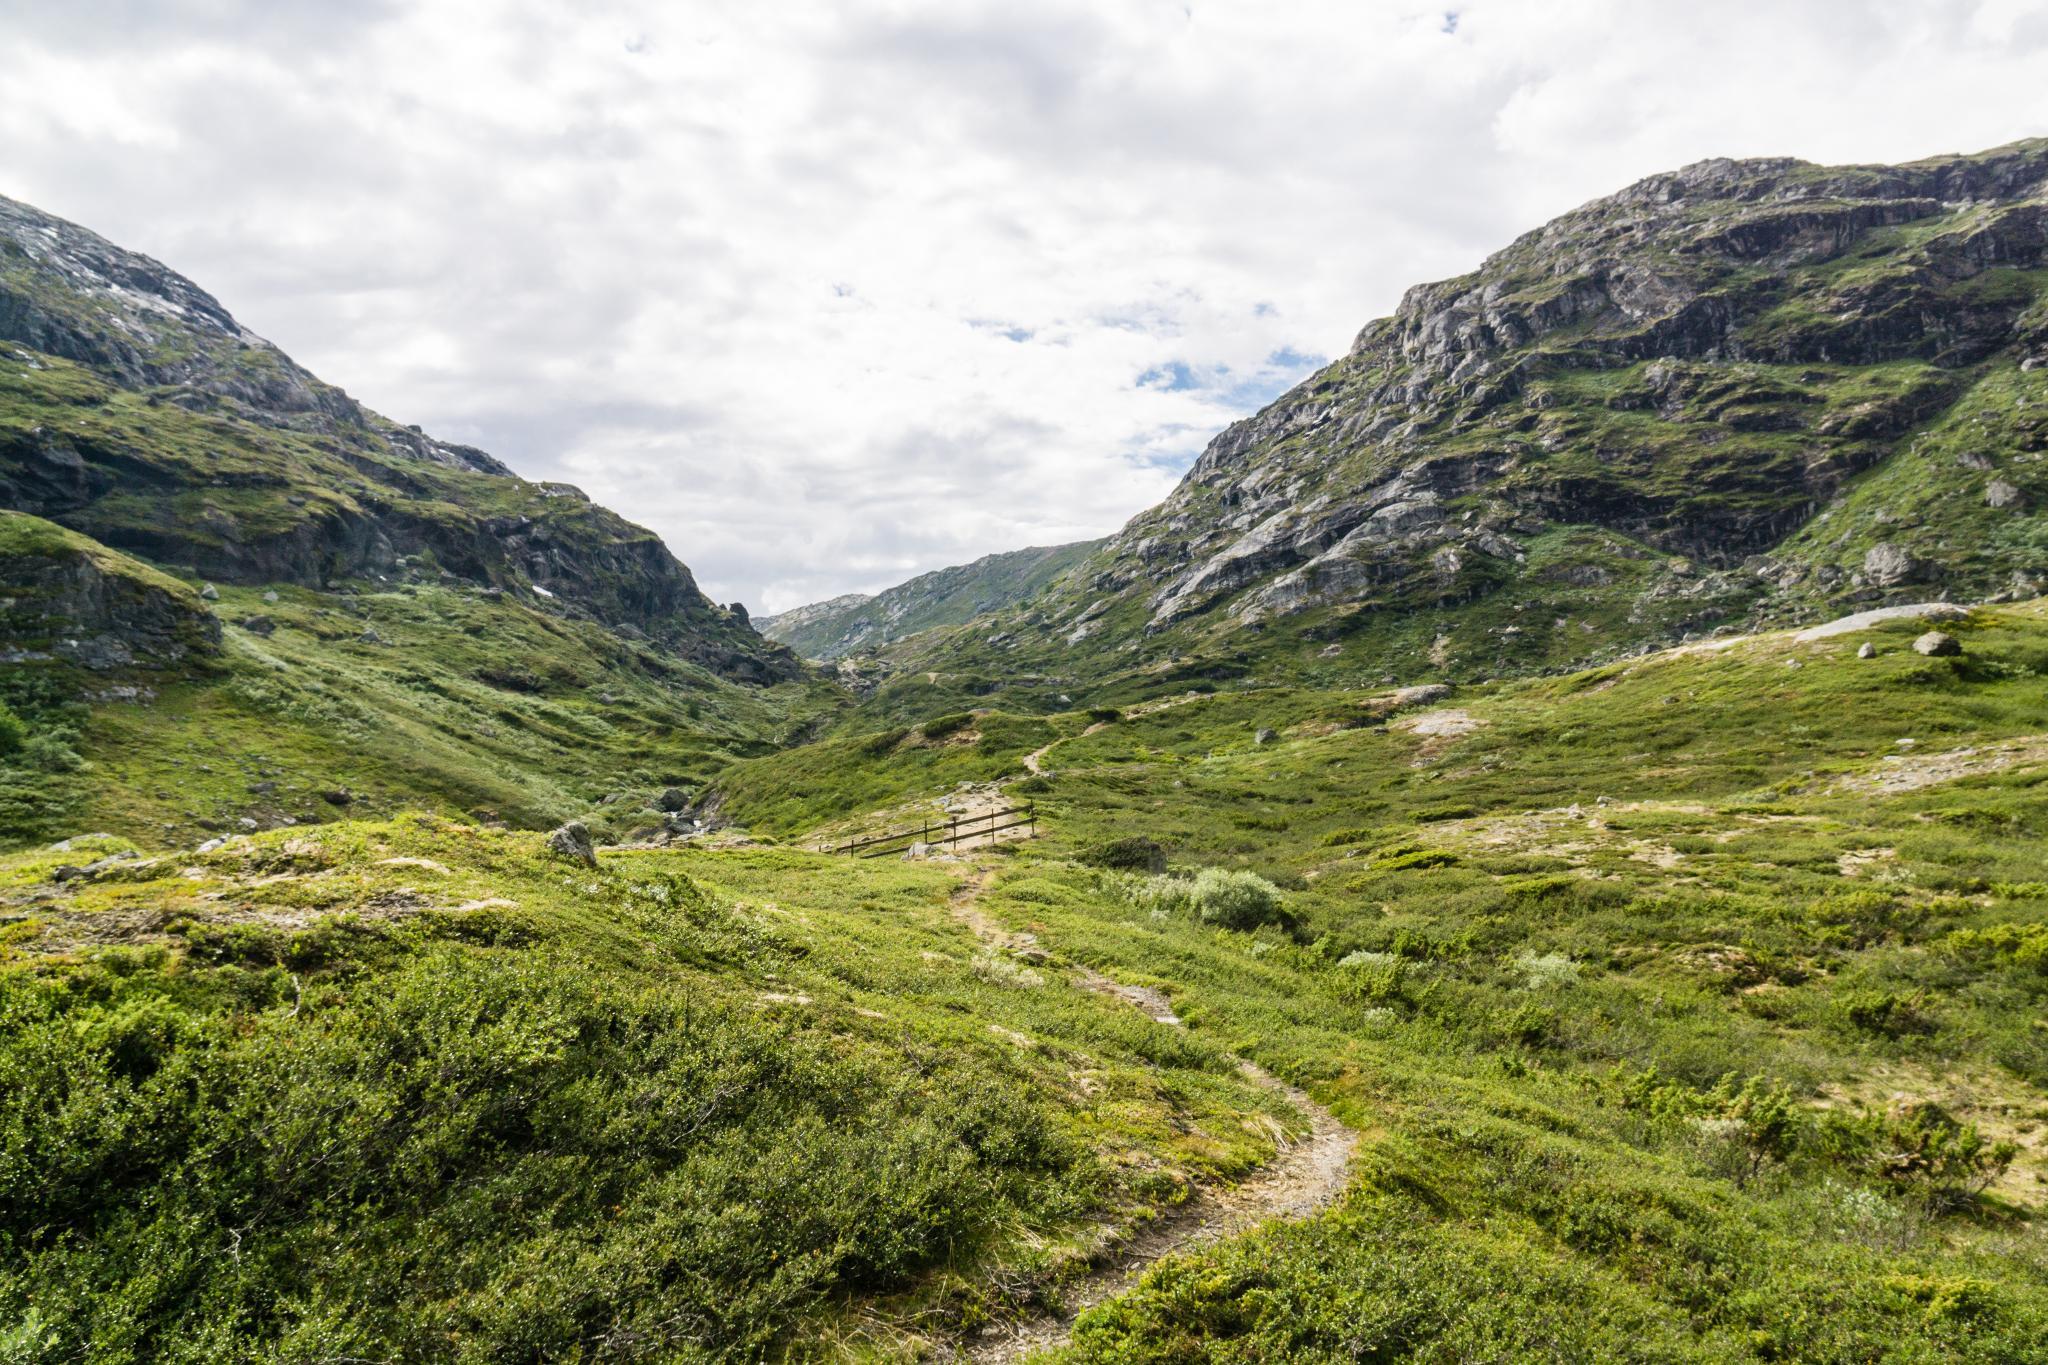 【北歐景點】穿越挪威的屋脊 - 前進北歐最美的冰原景觀公路 Fv55松恩山路 (Sognefjellet) 25